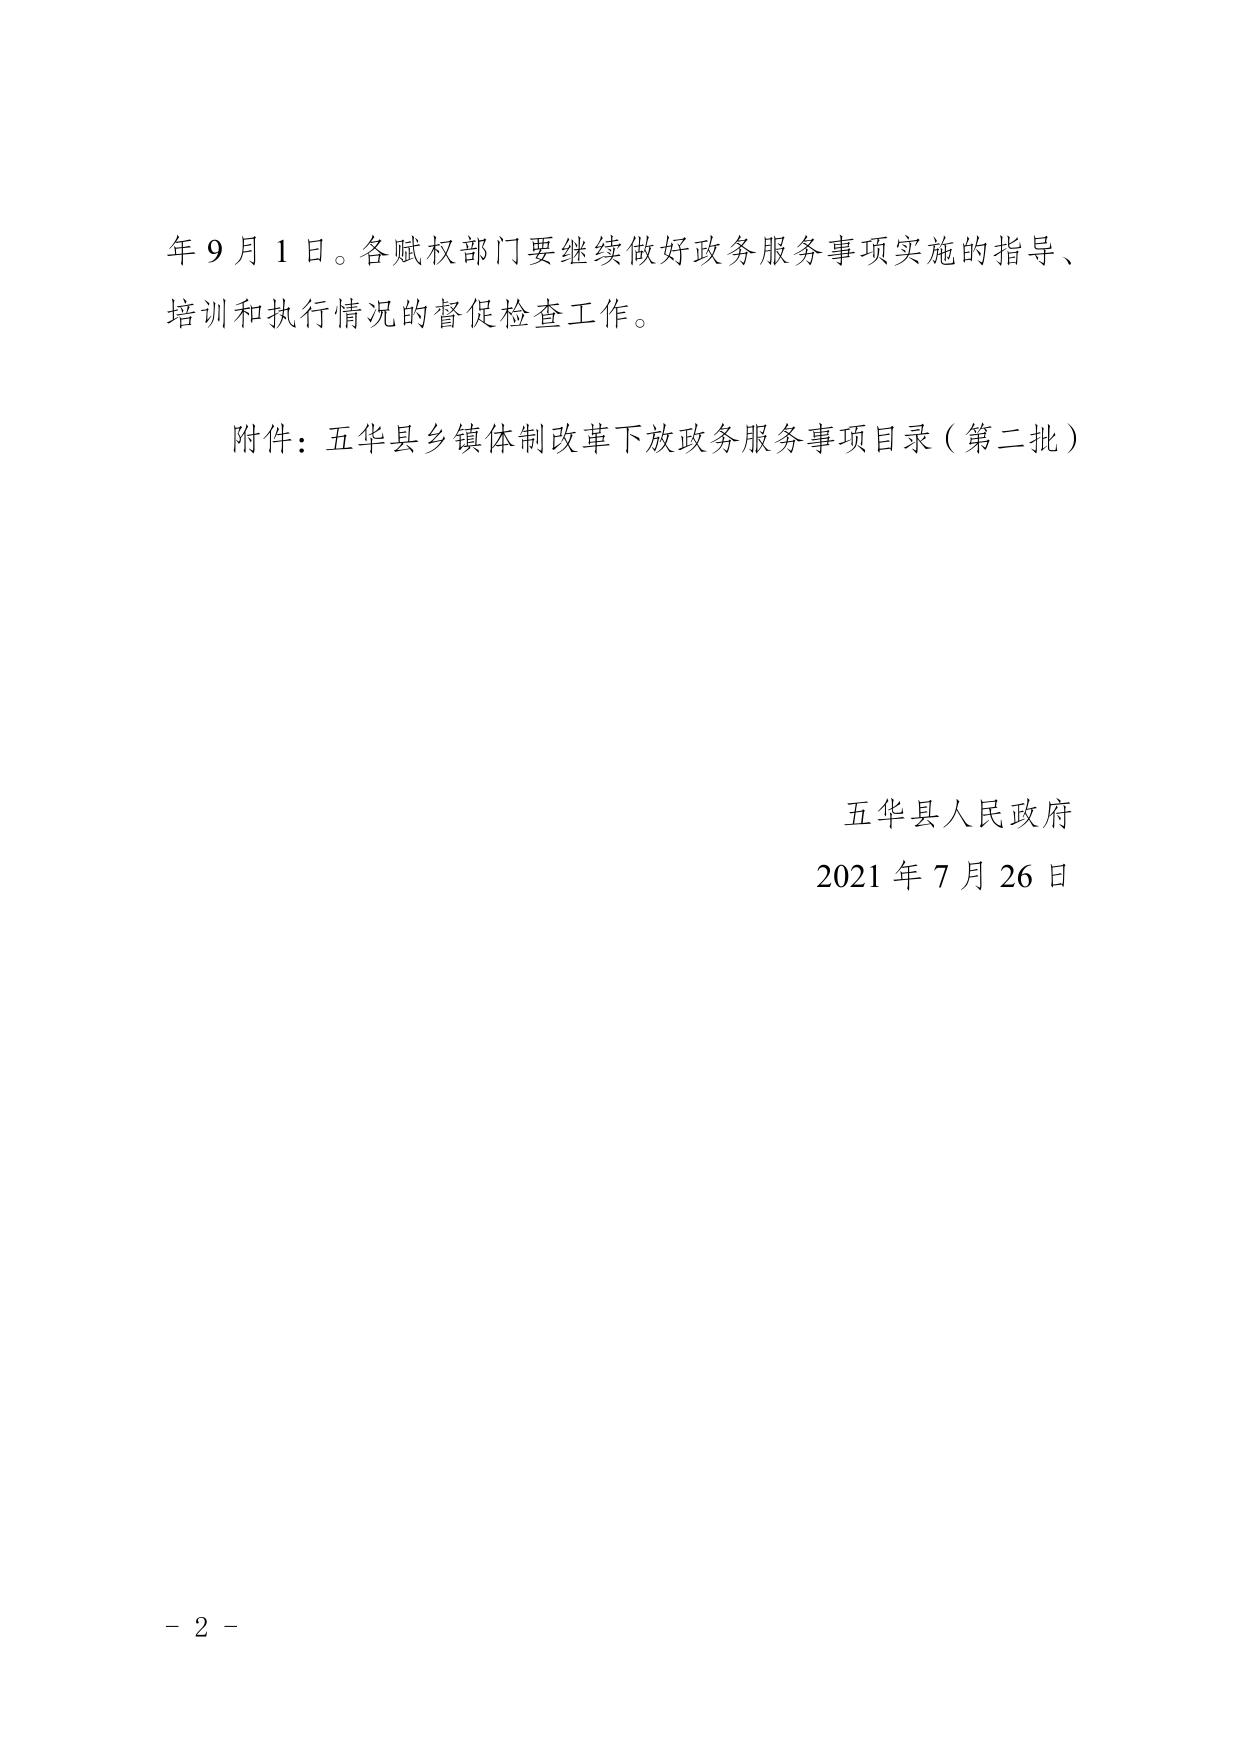 17号关于向乡镇下放政务服务事项的公告0001.jpg